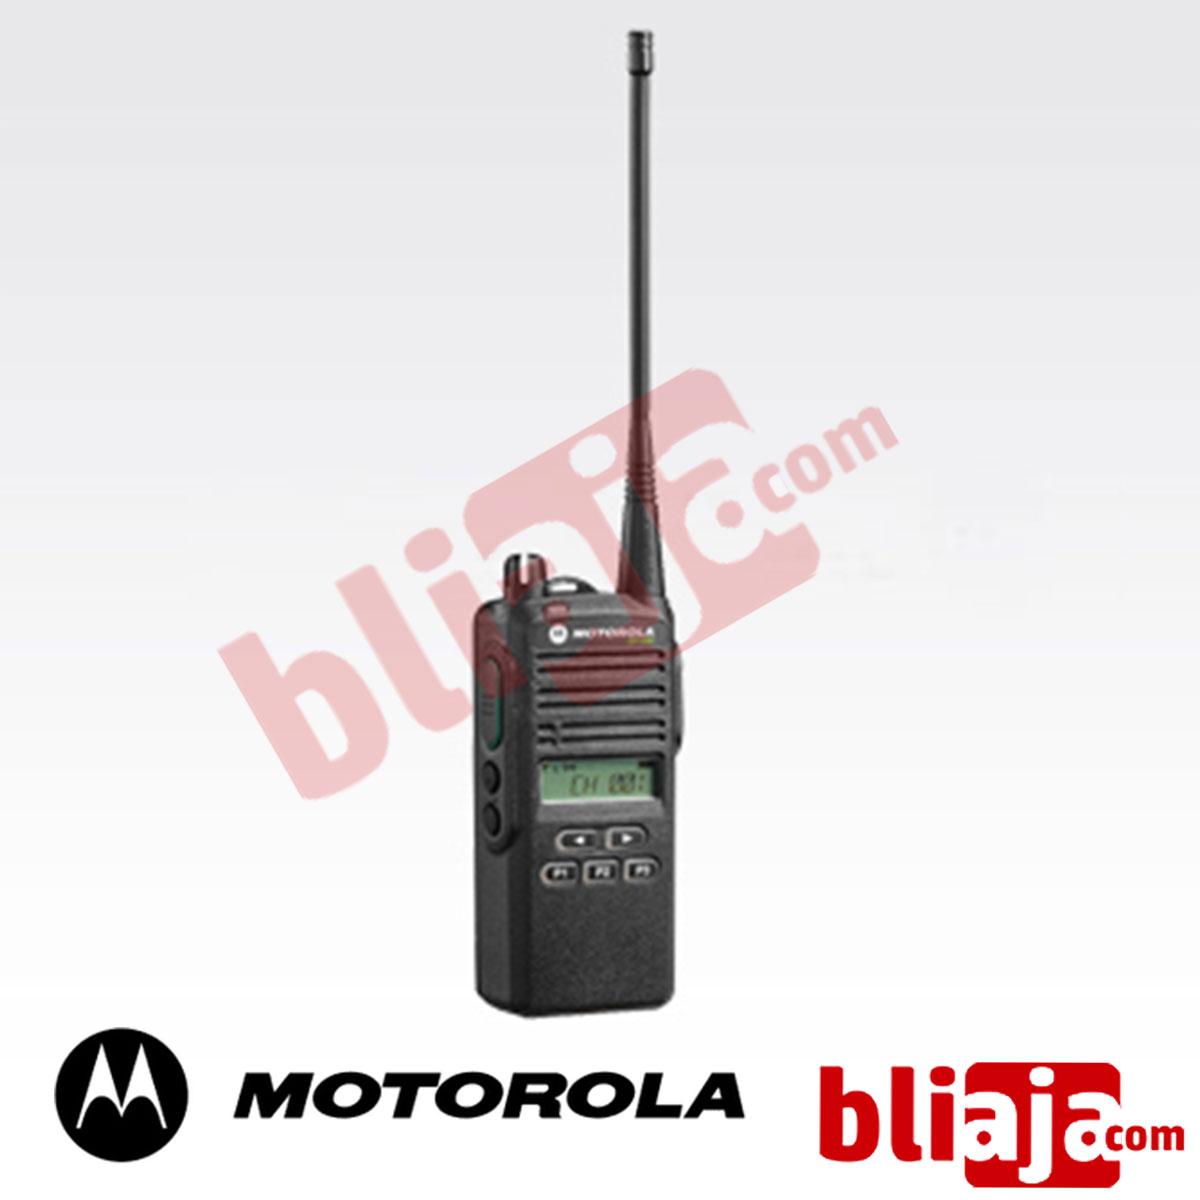 MOTOROLA CP1300 136-174M 5W 12.5/25K 99C SCR